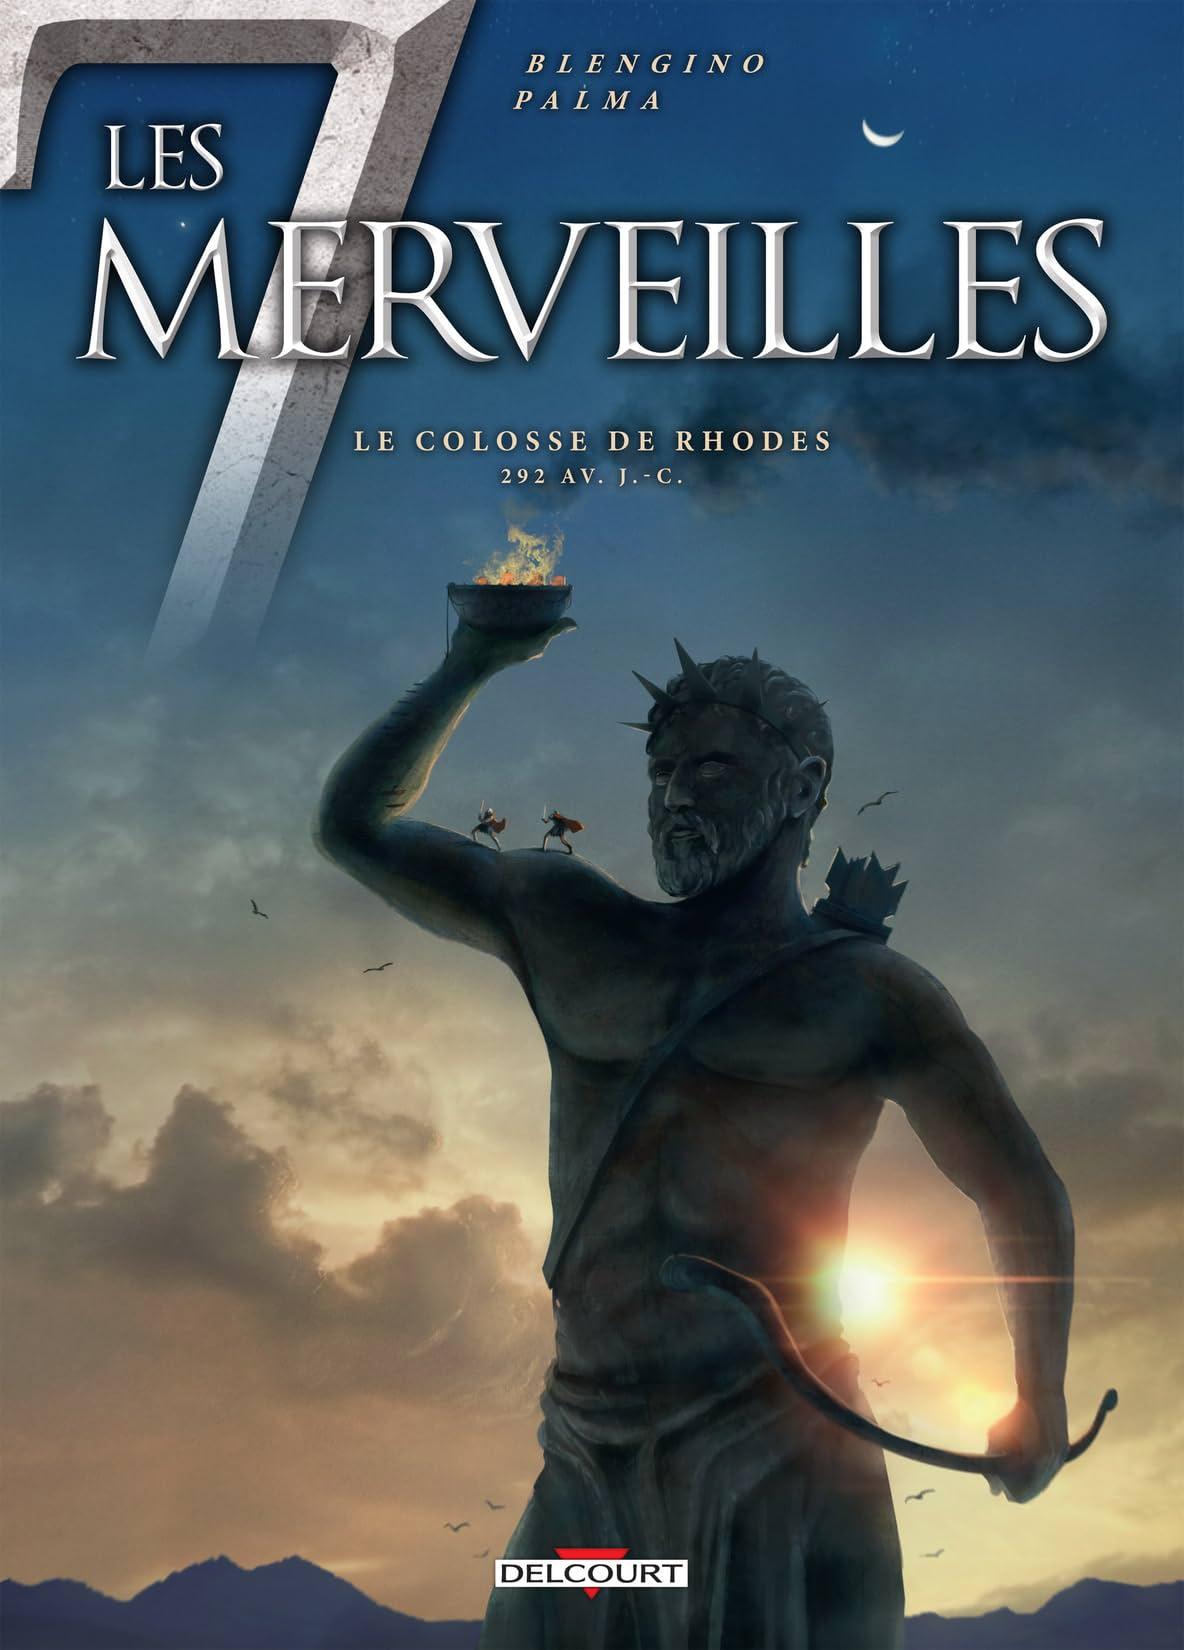 Les 7 Merveilles: Le Colosse de Rhodes